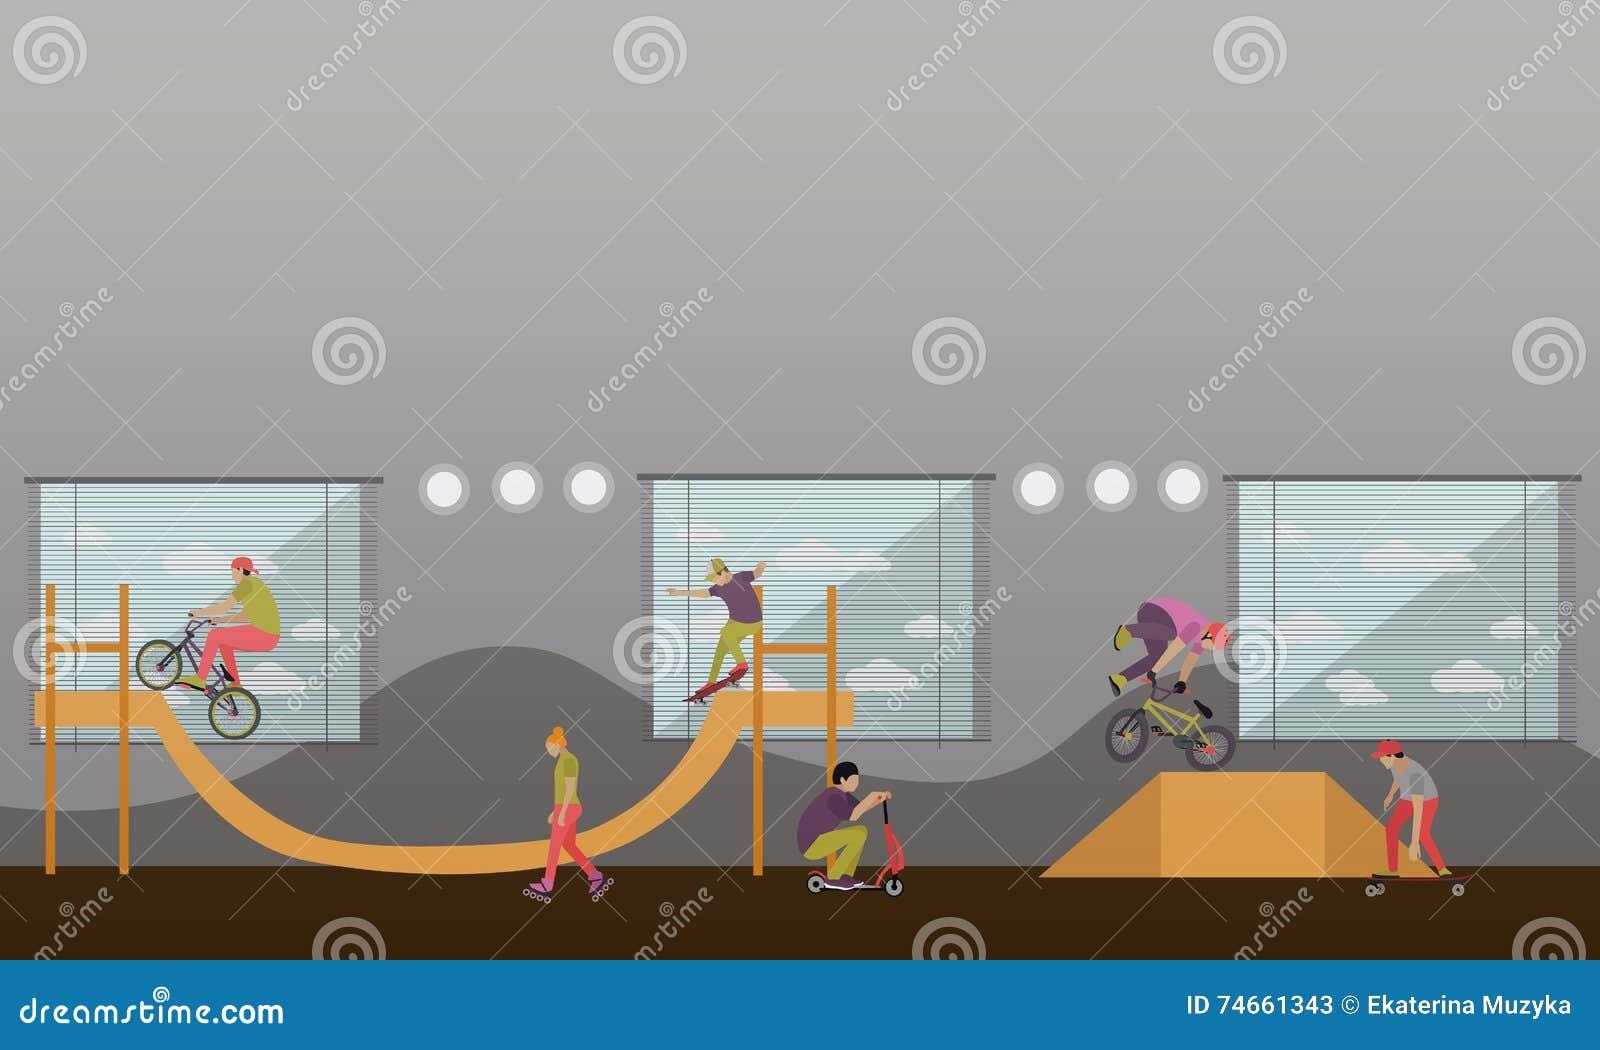 c20a3b428f3 Διανυσματική απεικόνιση των ανθρώπων στο ποδήλατο, Skateboard, τους ...